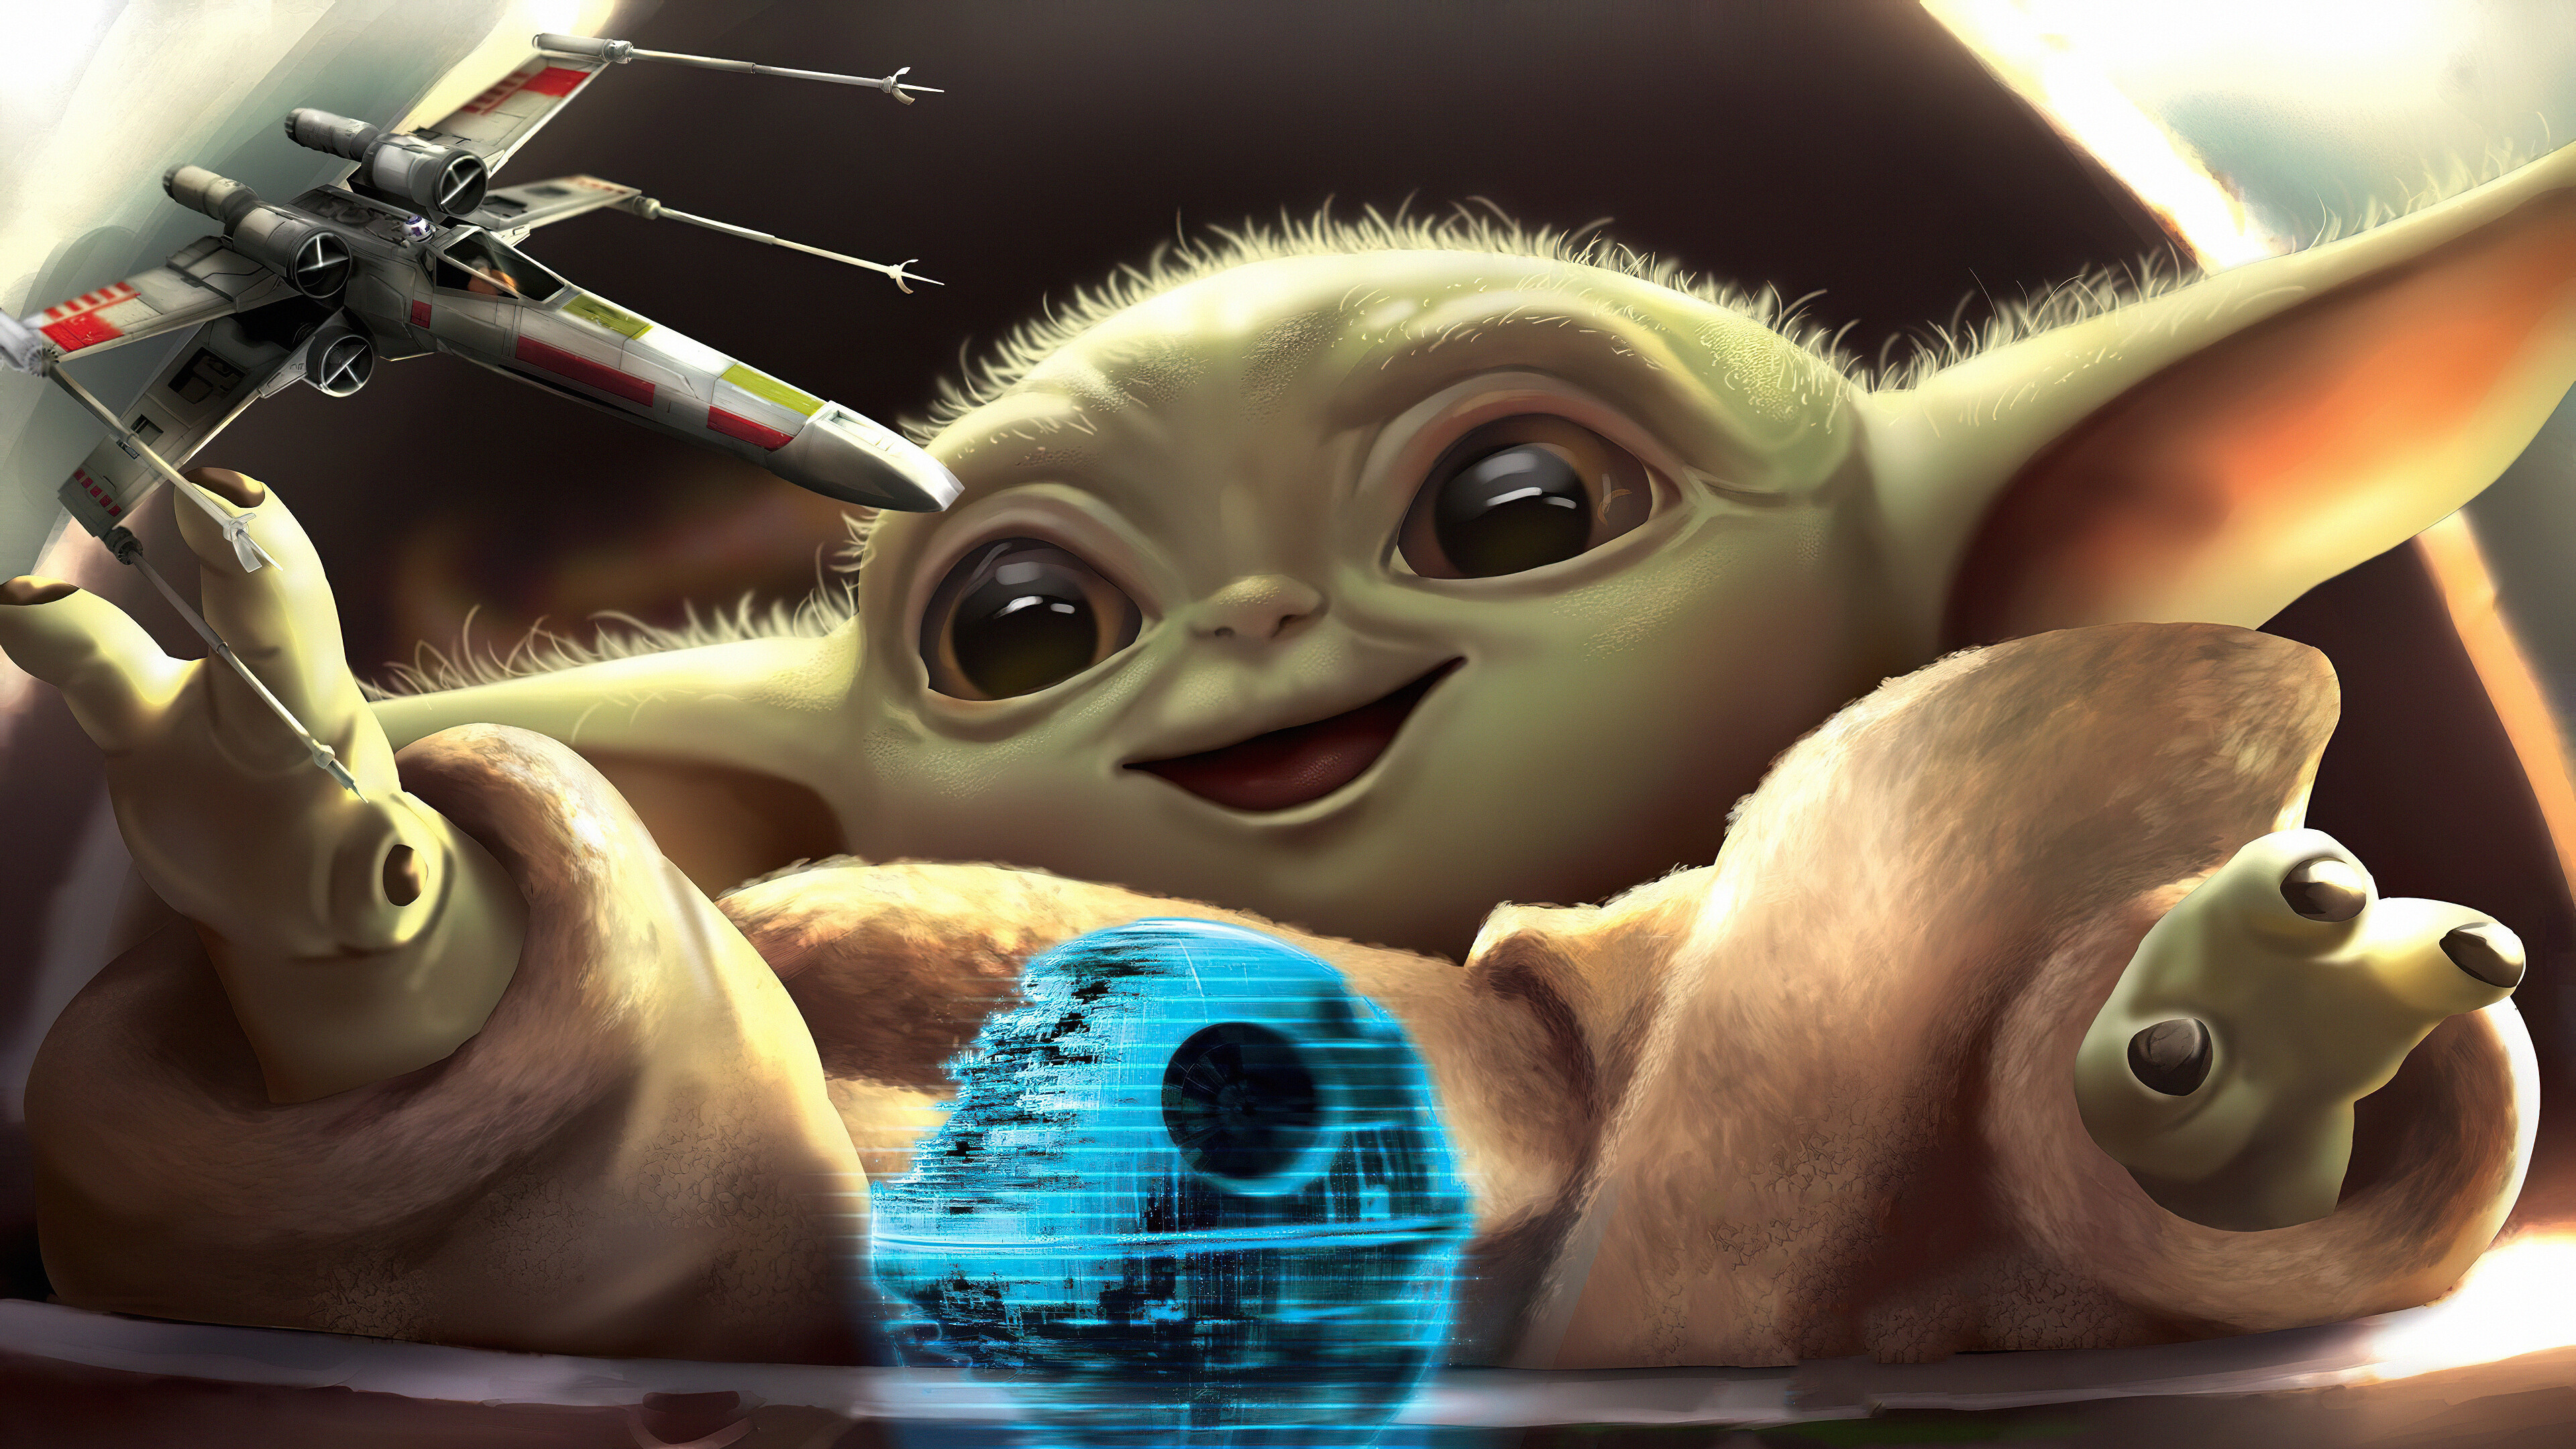 Fondos de pantalla Yoda bebé jugando